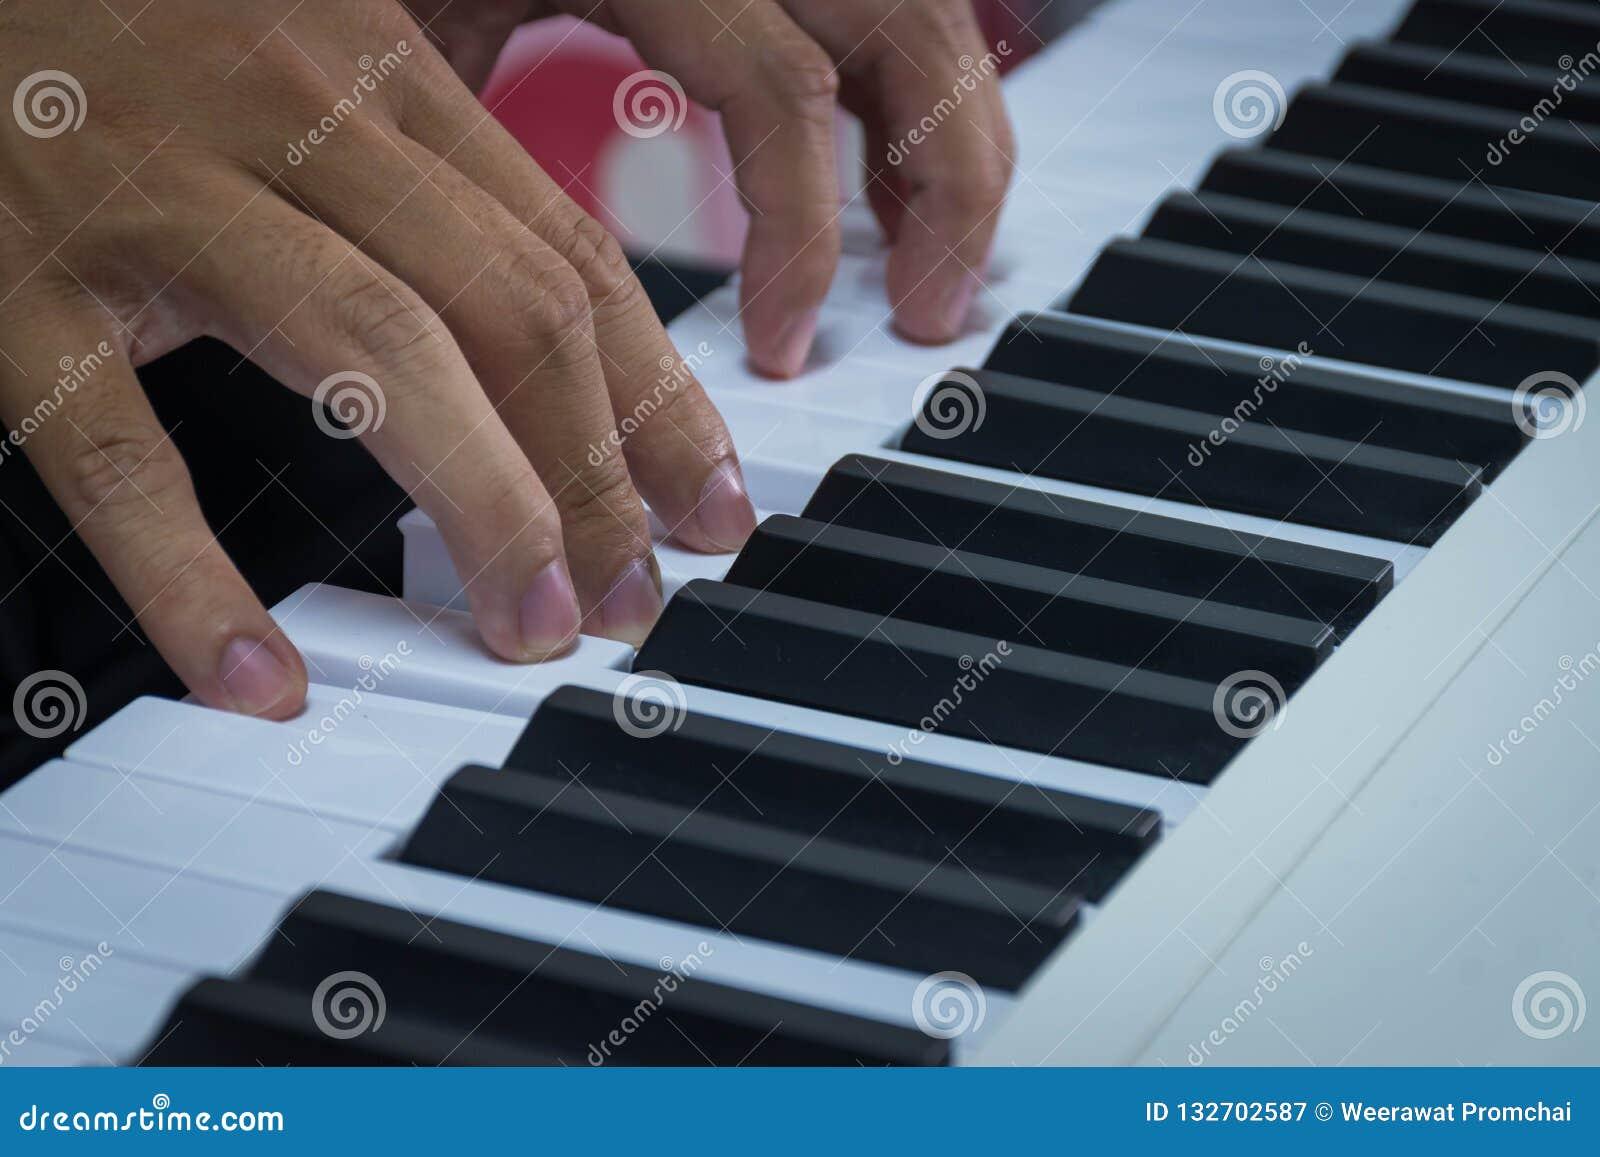 Ανθρώπινα χέρια στο πληκτρολόγιο του πιάνου